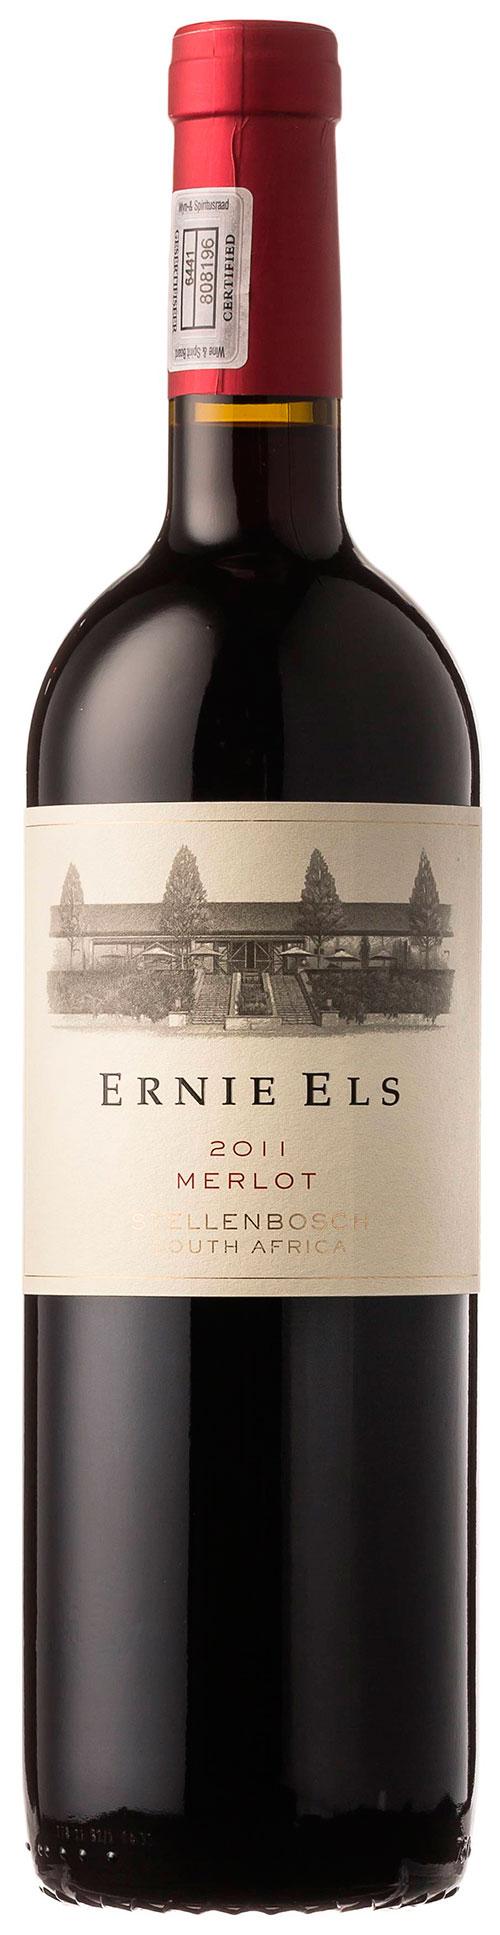 Merlot ( Ernie Els Winery ) 2011